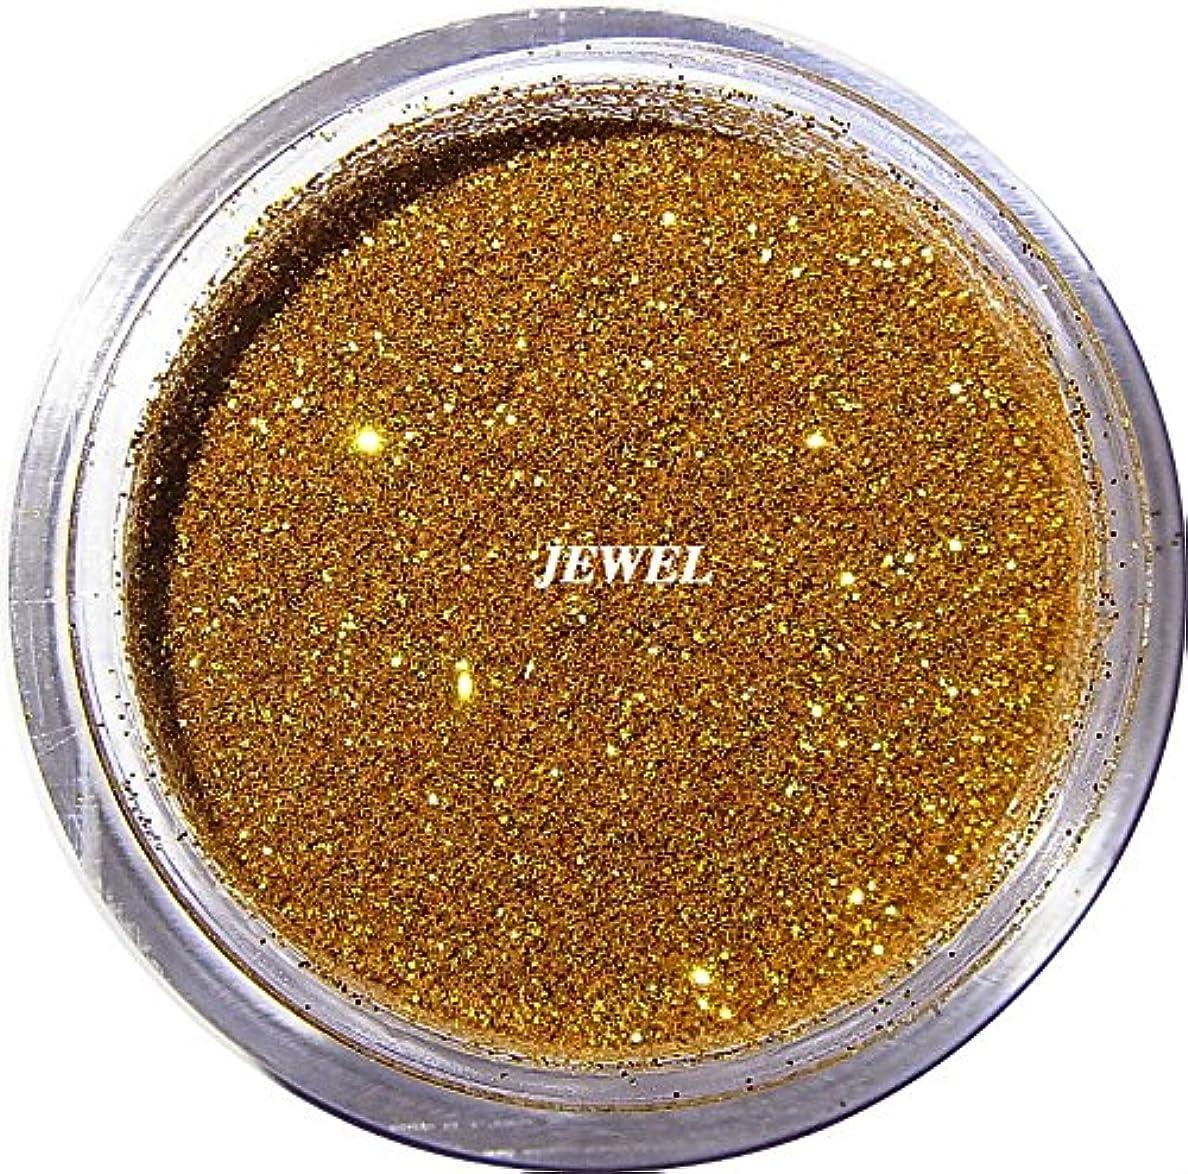 ミュージカルハンドブック盆地【jewel】 超微粒子ラメパウダーたっぷり2g入り 12色から選択可能 レジン&ネイル用 (ゴールド)